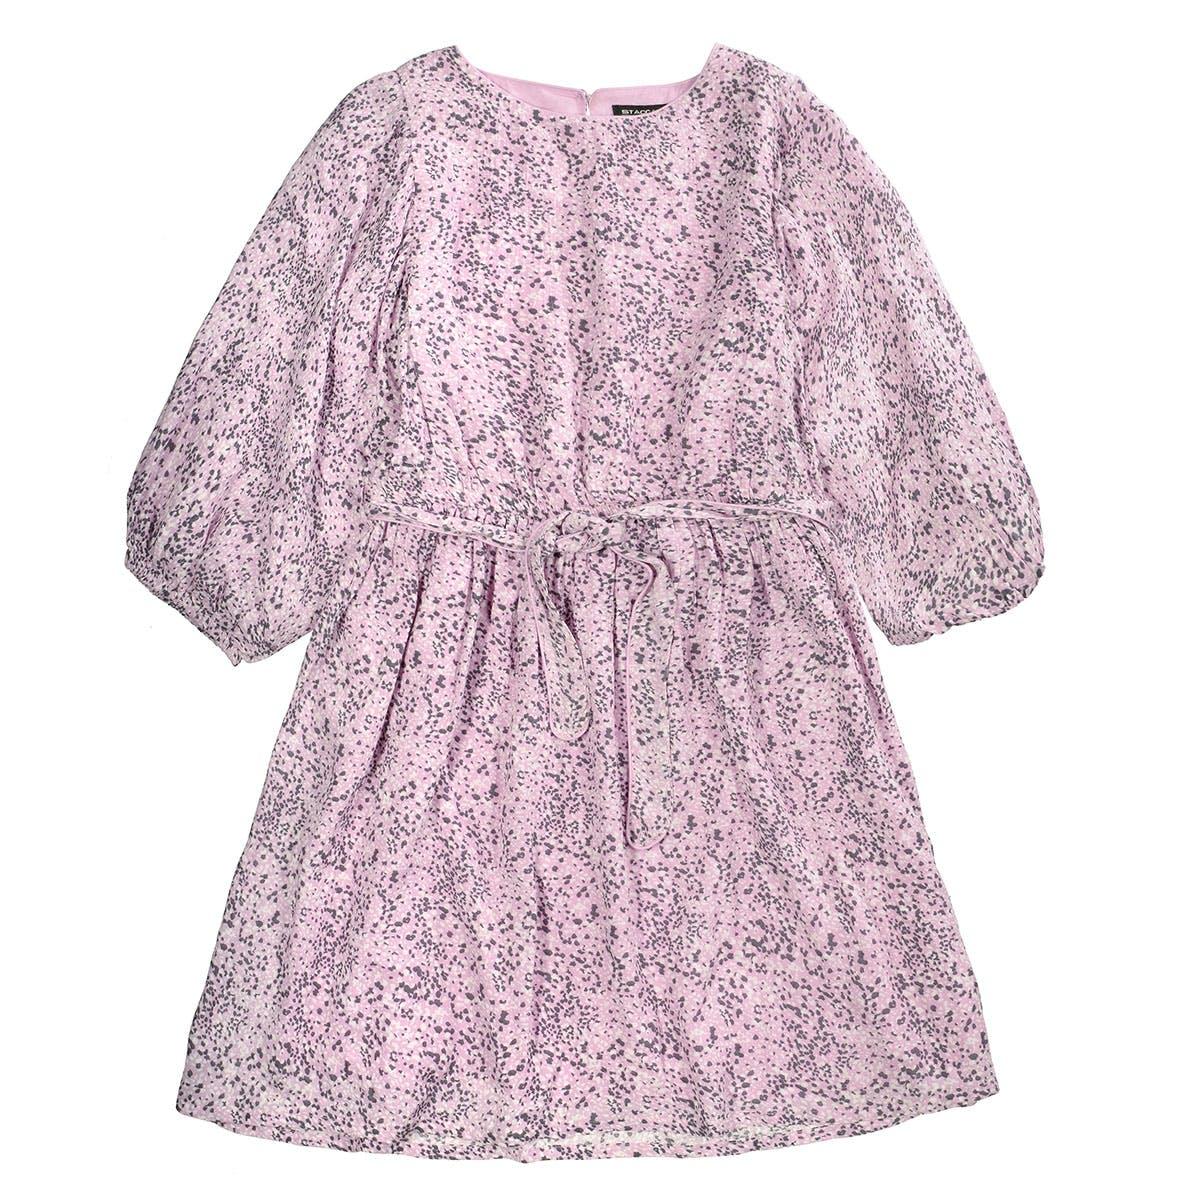 Kleid mit weiten Puffärmel - Vintage